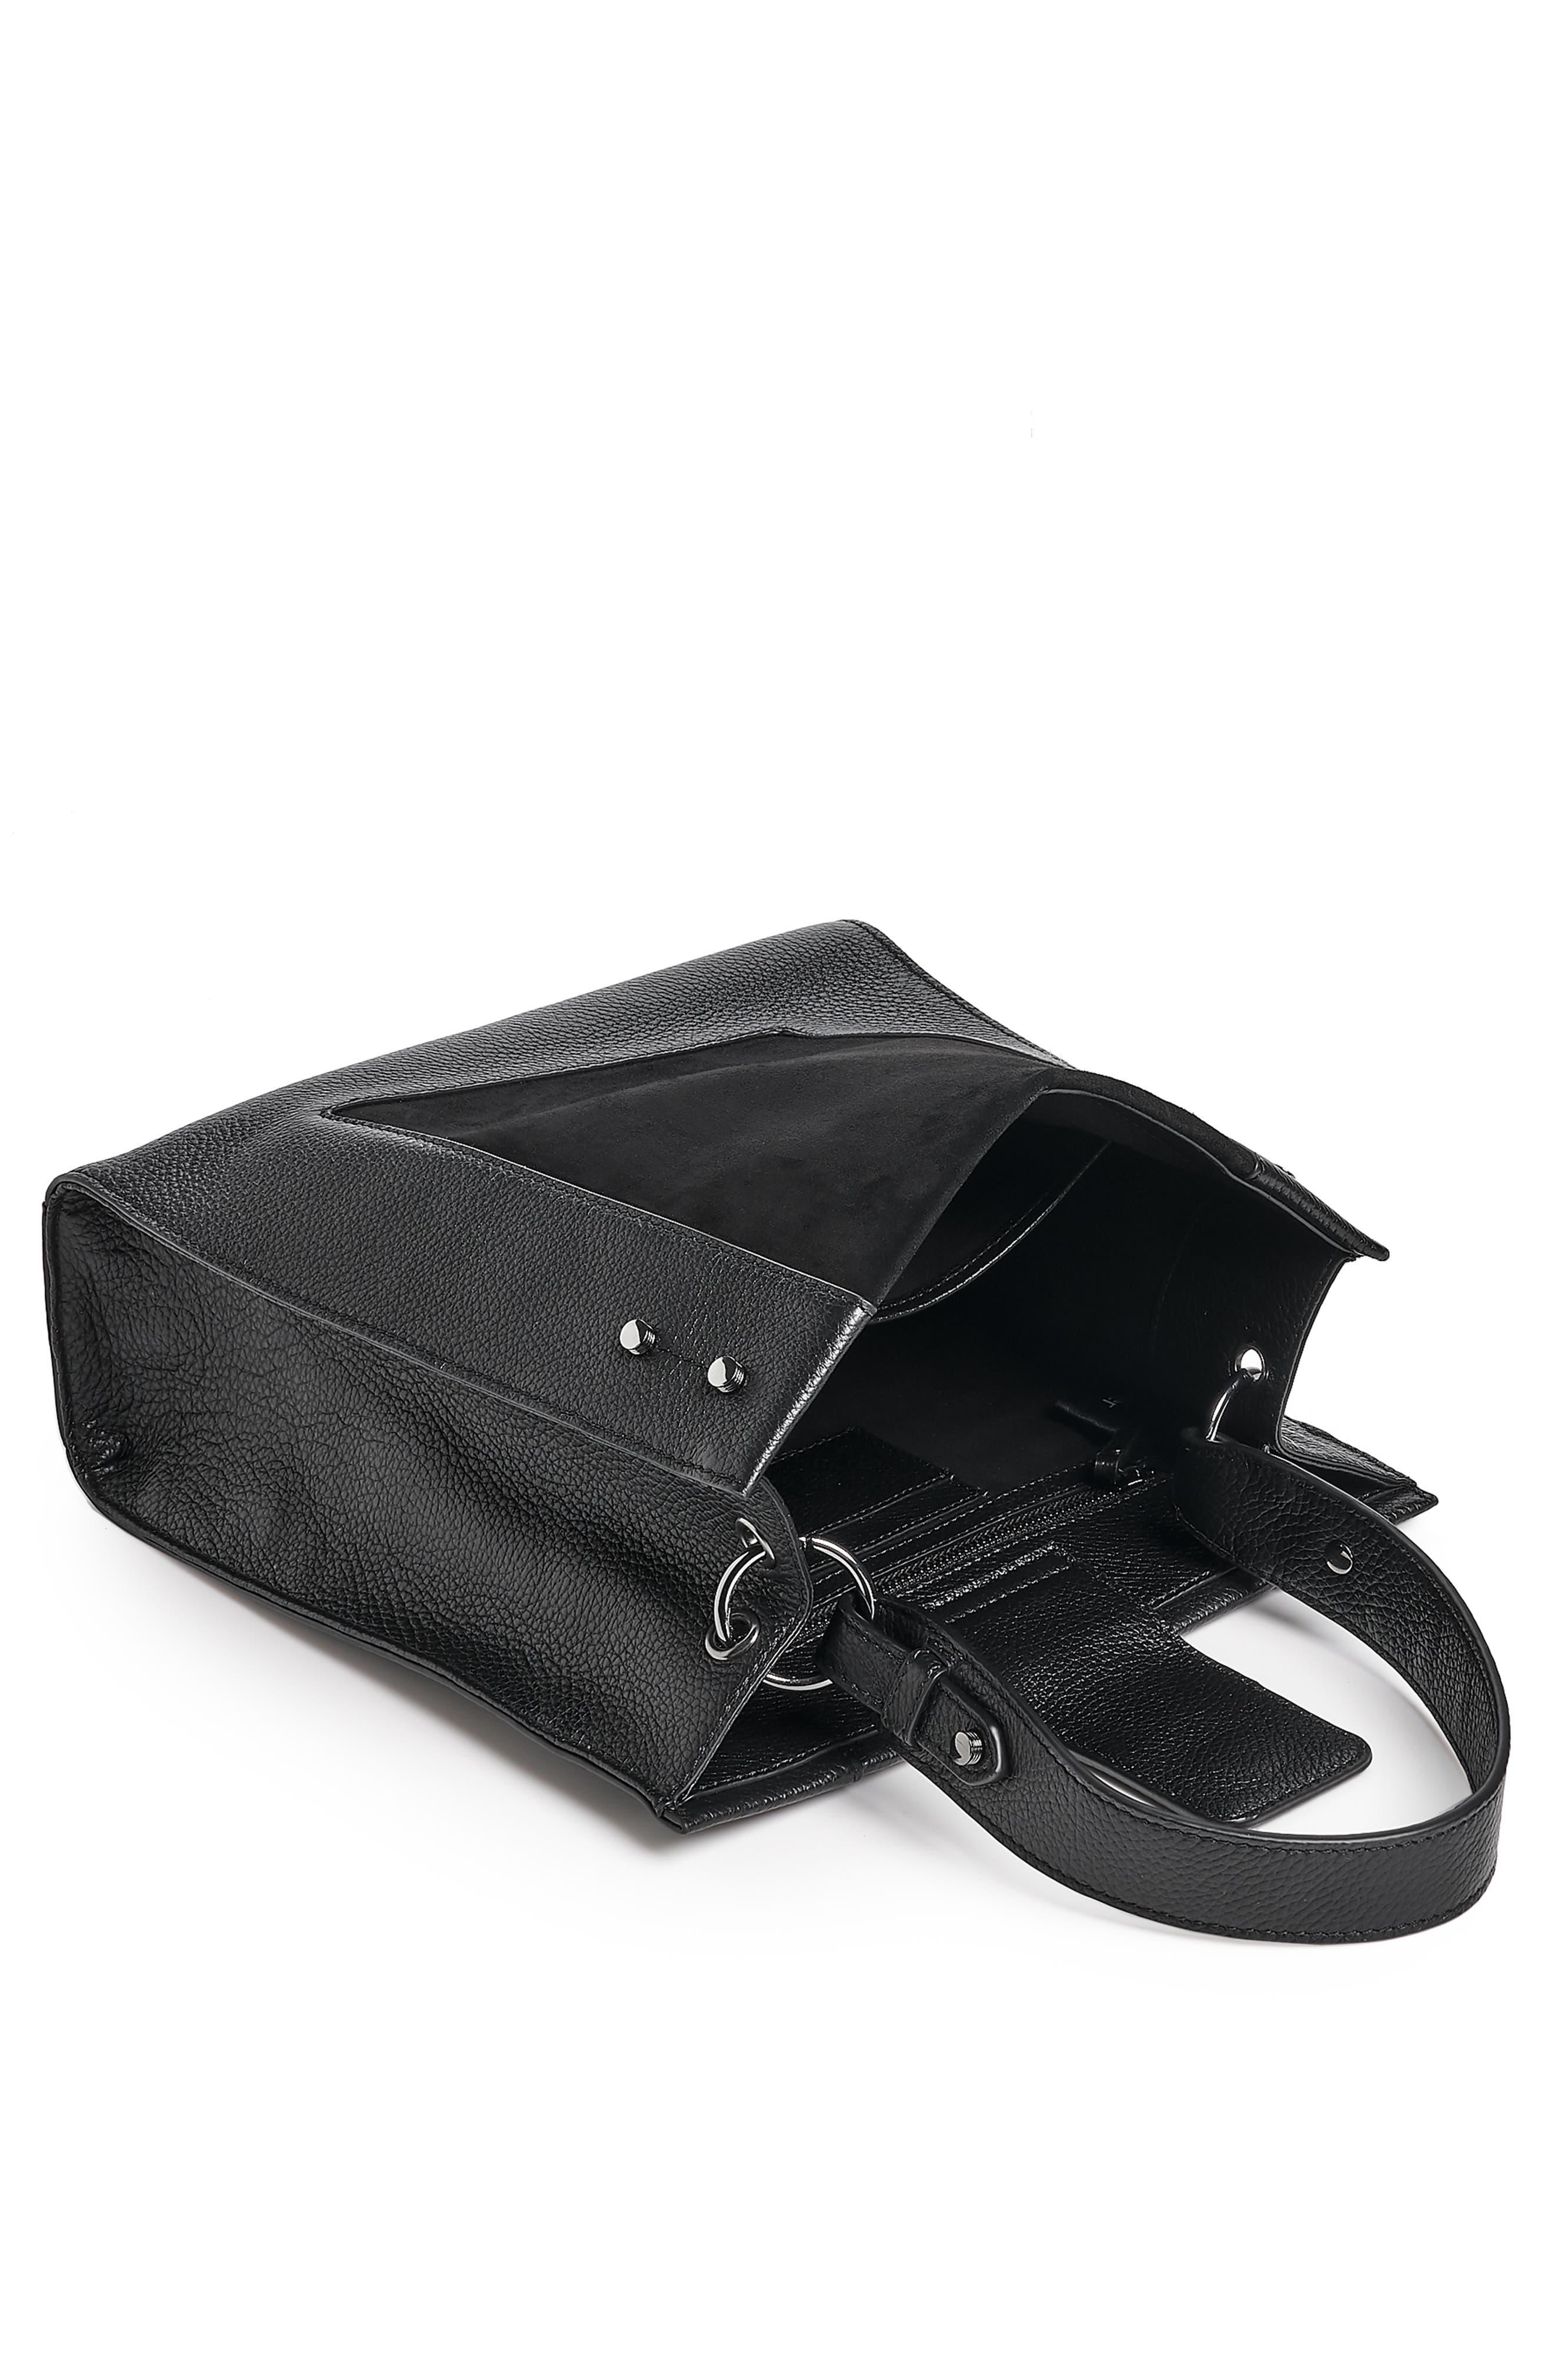 Park Slope Leather & Suede Satchel,                             Alternate thumbnail 3, color,                             001